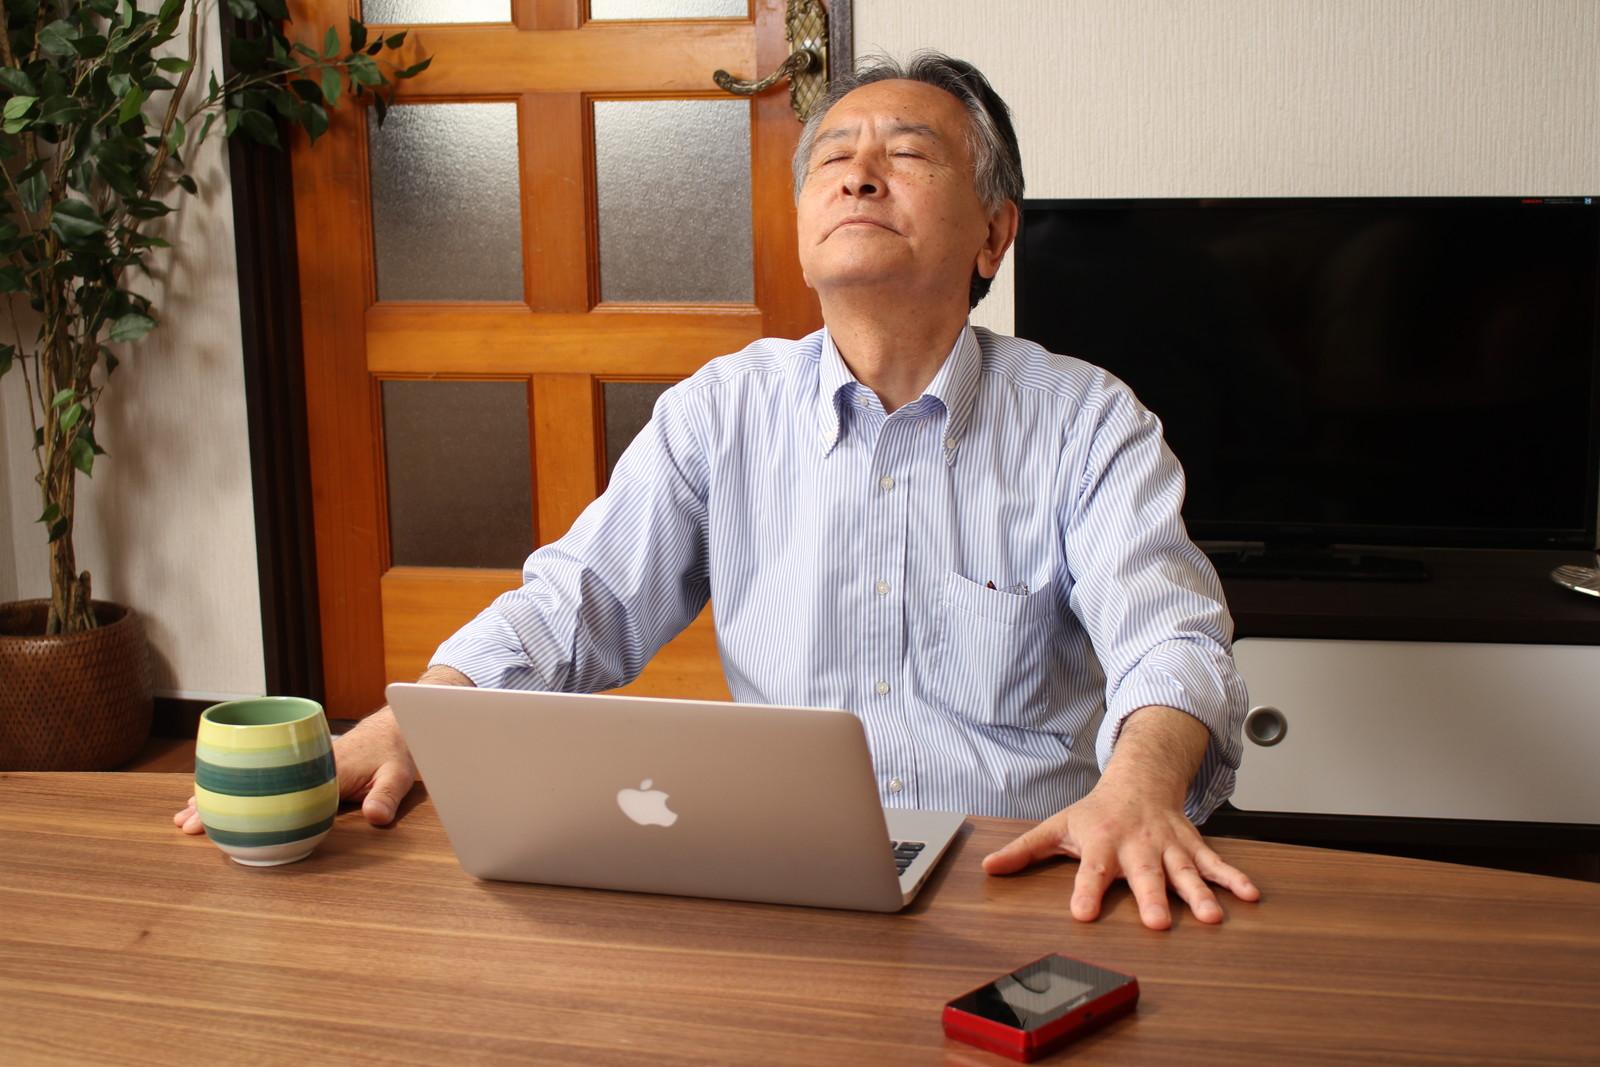 パソコンを始めてすぐに訪れた挫折,シニア,写真,画像,素材,老人,高齢者,フリー